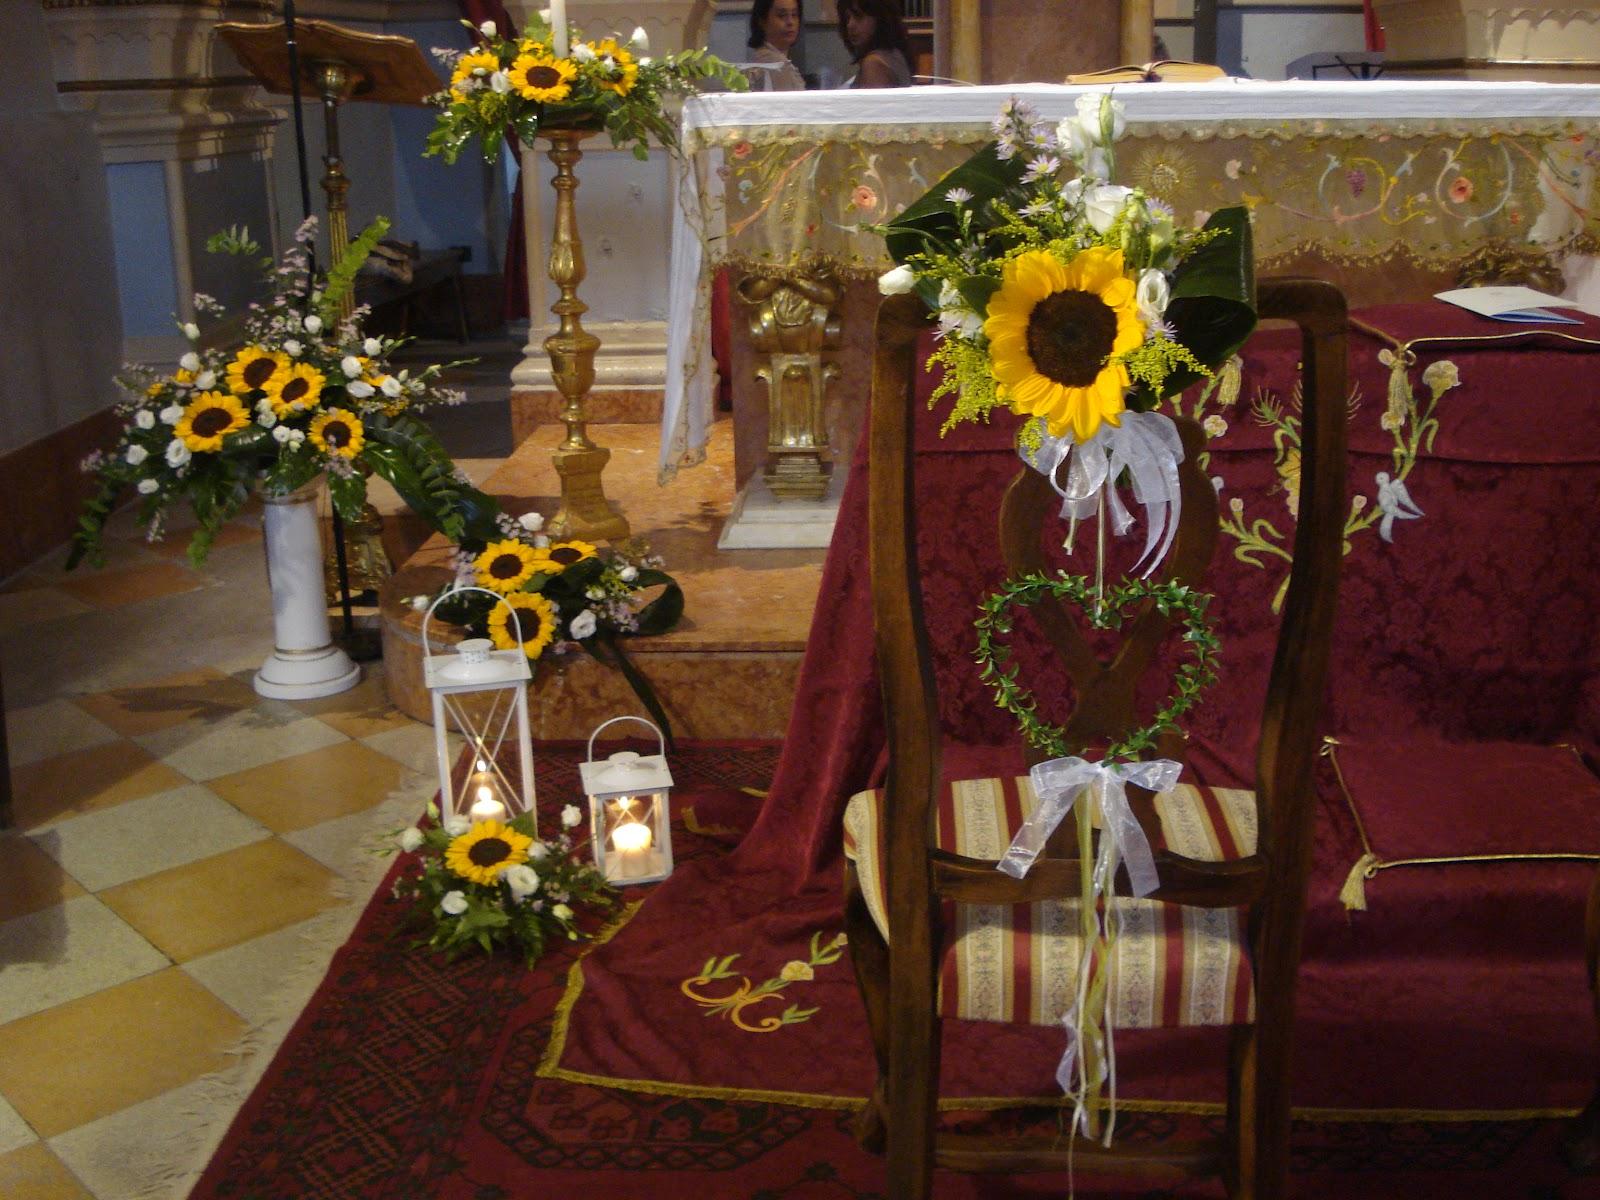 Matrimonio Stile Girasoli : Addobbi chiesa matrimonio con girasoli migliore